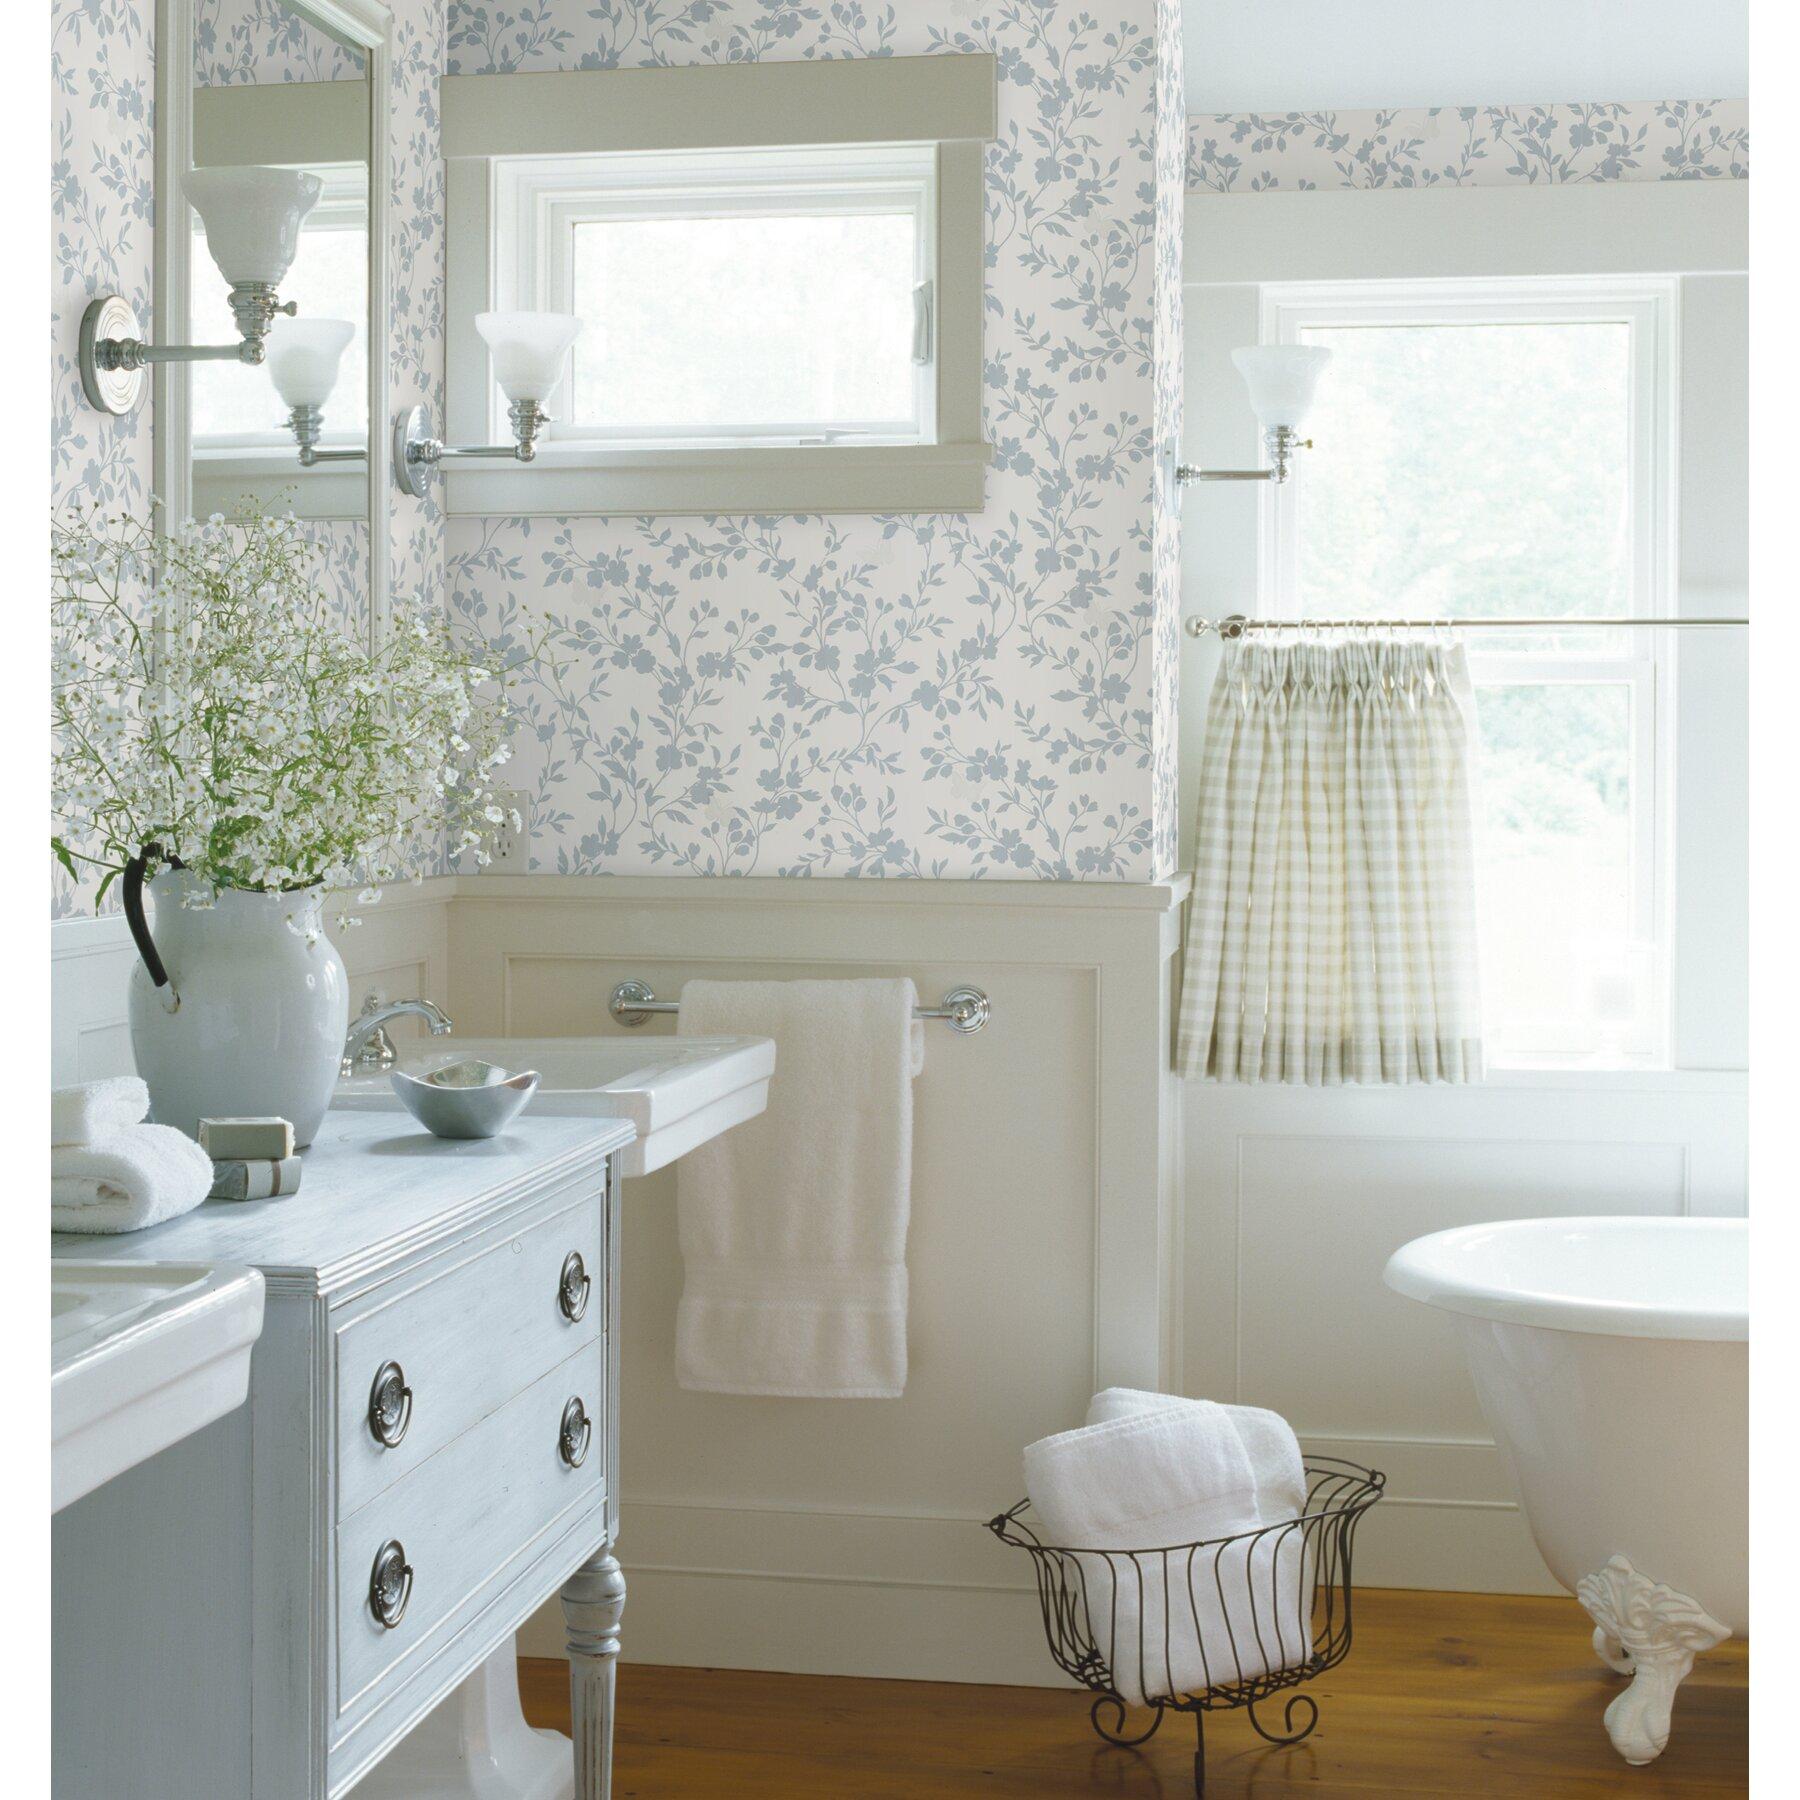 Brewster home fashions bath bath bath volume iv layla for Wayfair bathroom wallpaper